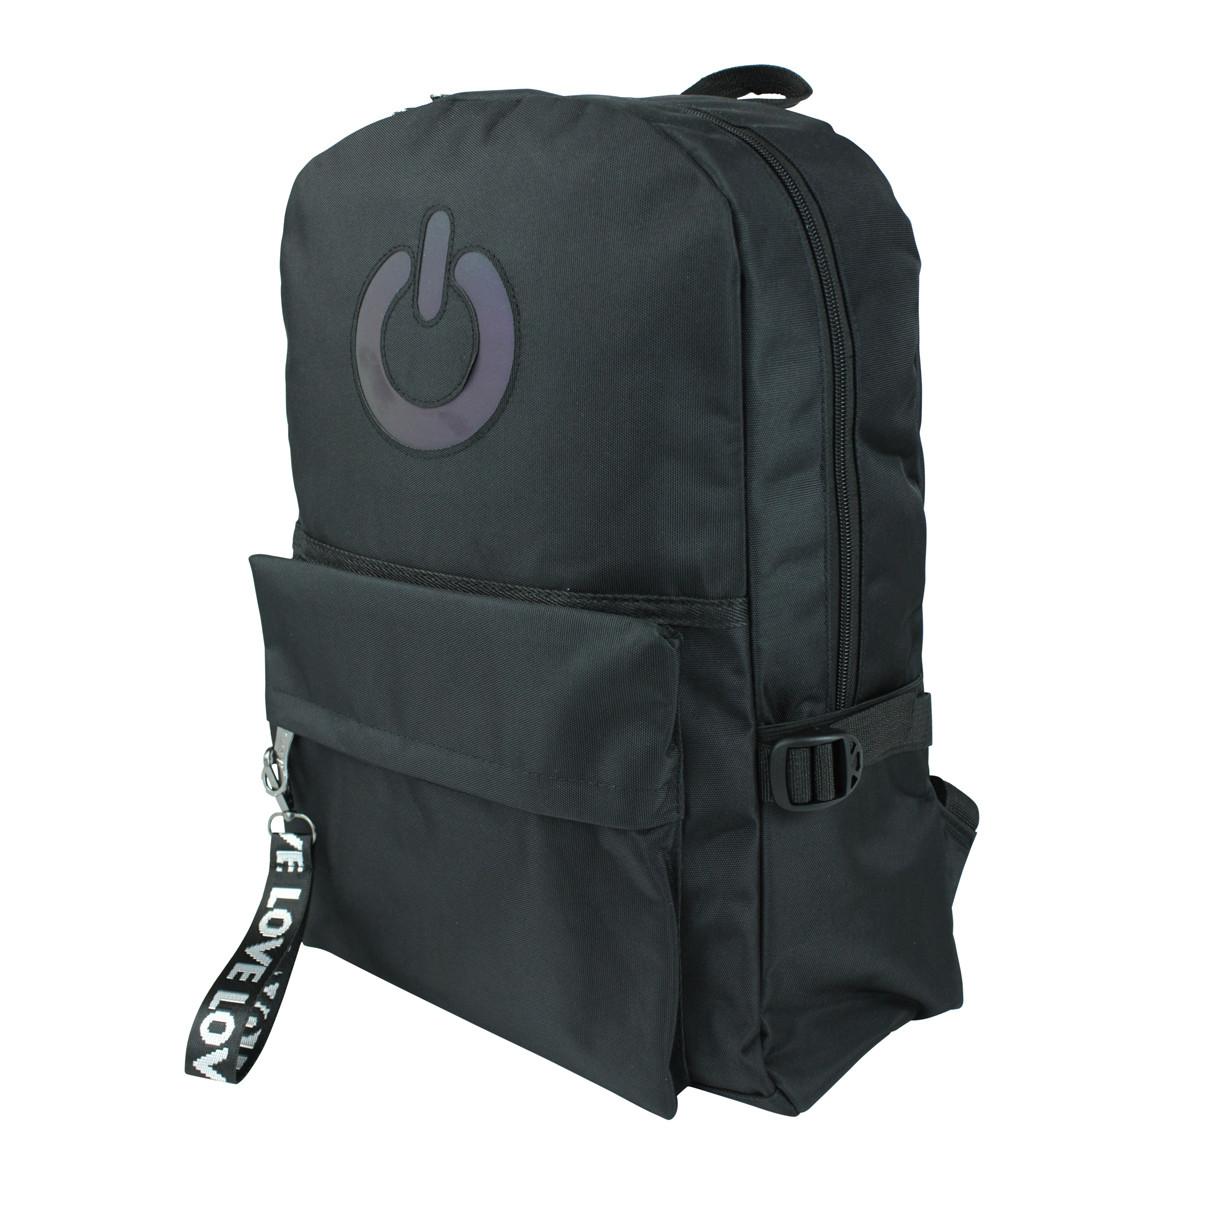 Рюкзак городской Power чёрный